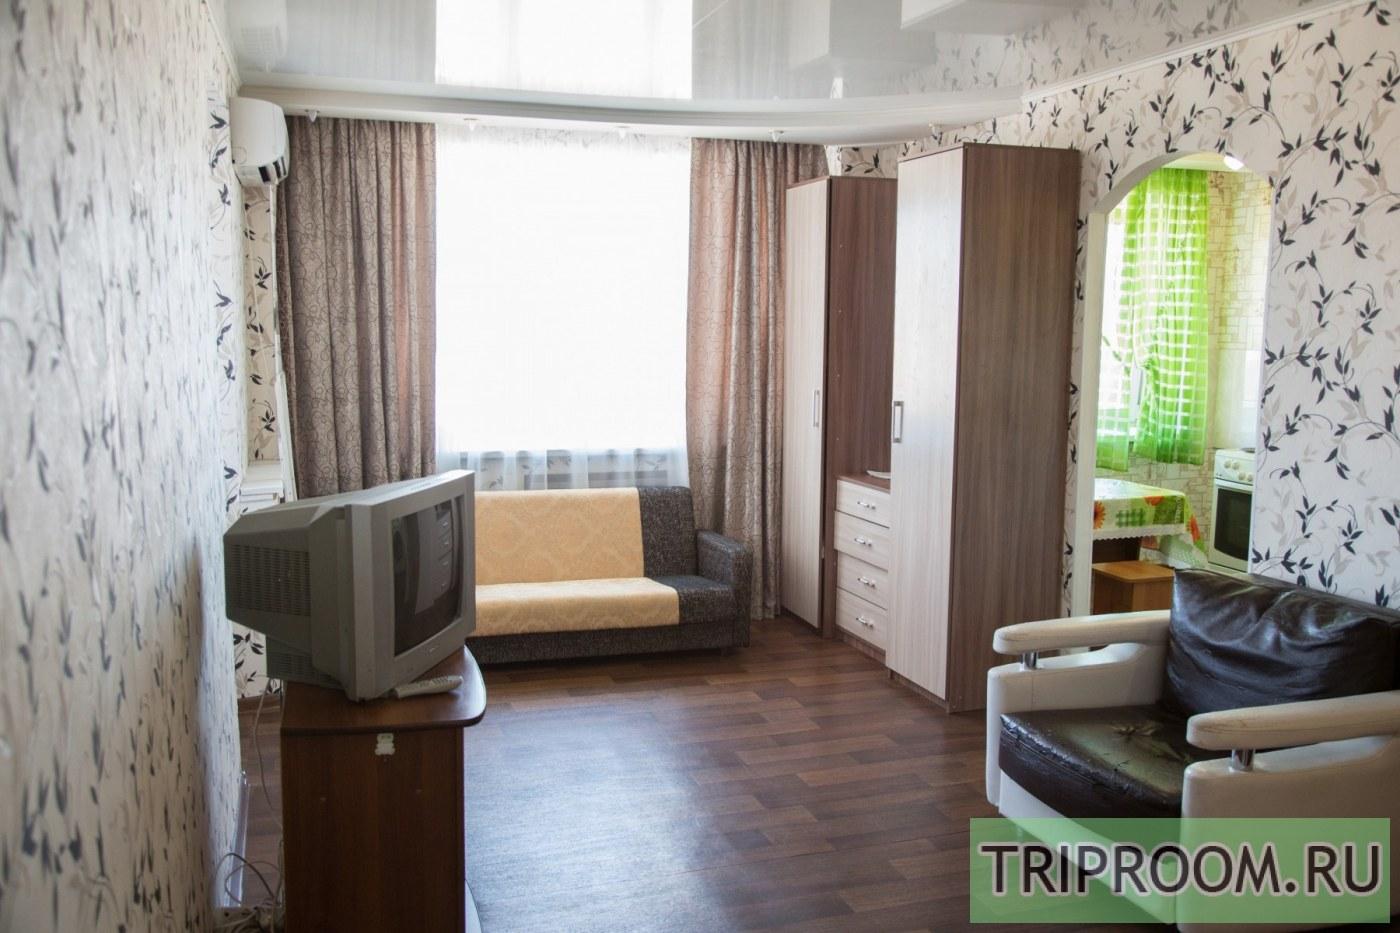 1-комнатная квартира посуточно (вариант № 37503), ул. Ленина улица, фото № 2